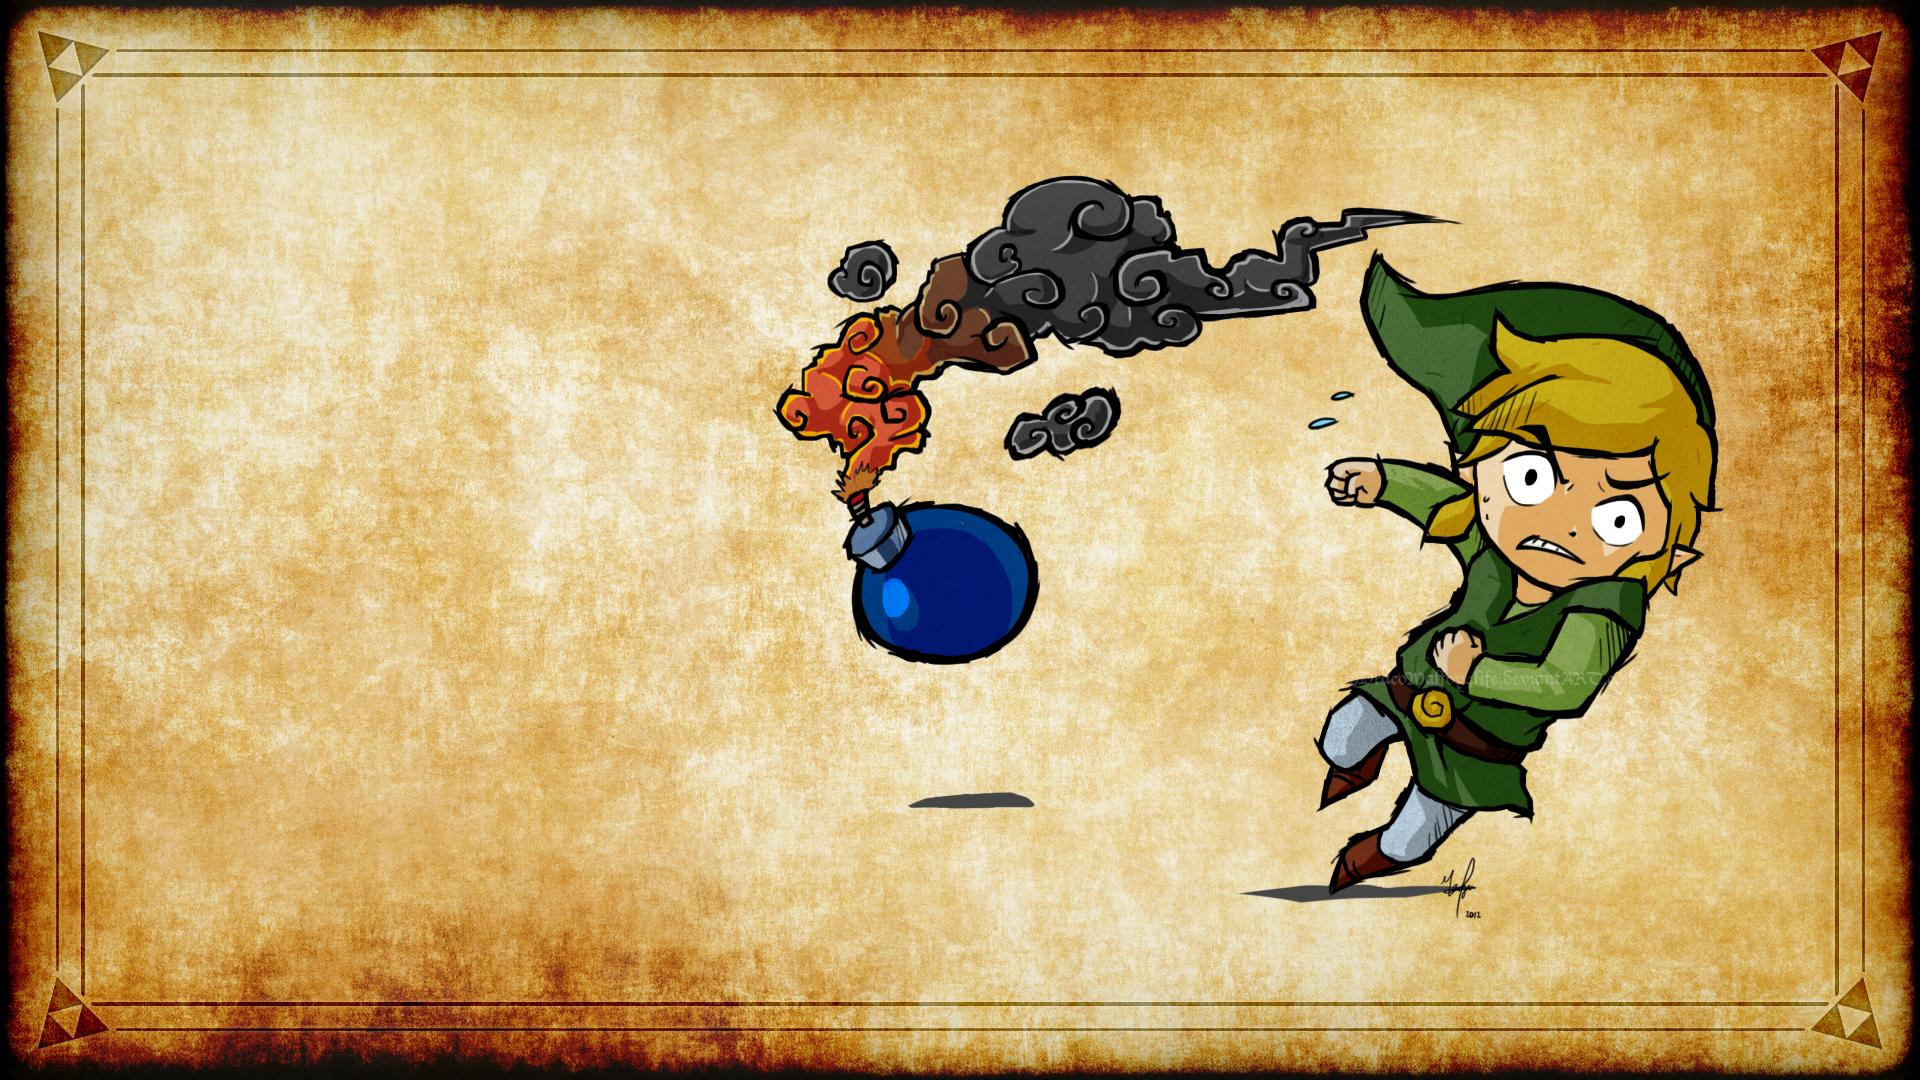 Masaustu Boyama Illustrasyon Video Oyunlari Desen Zelda